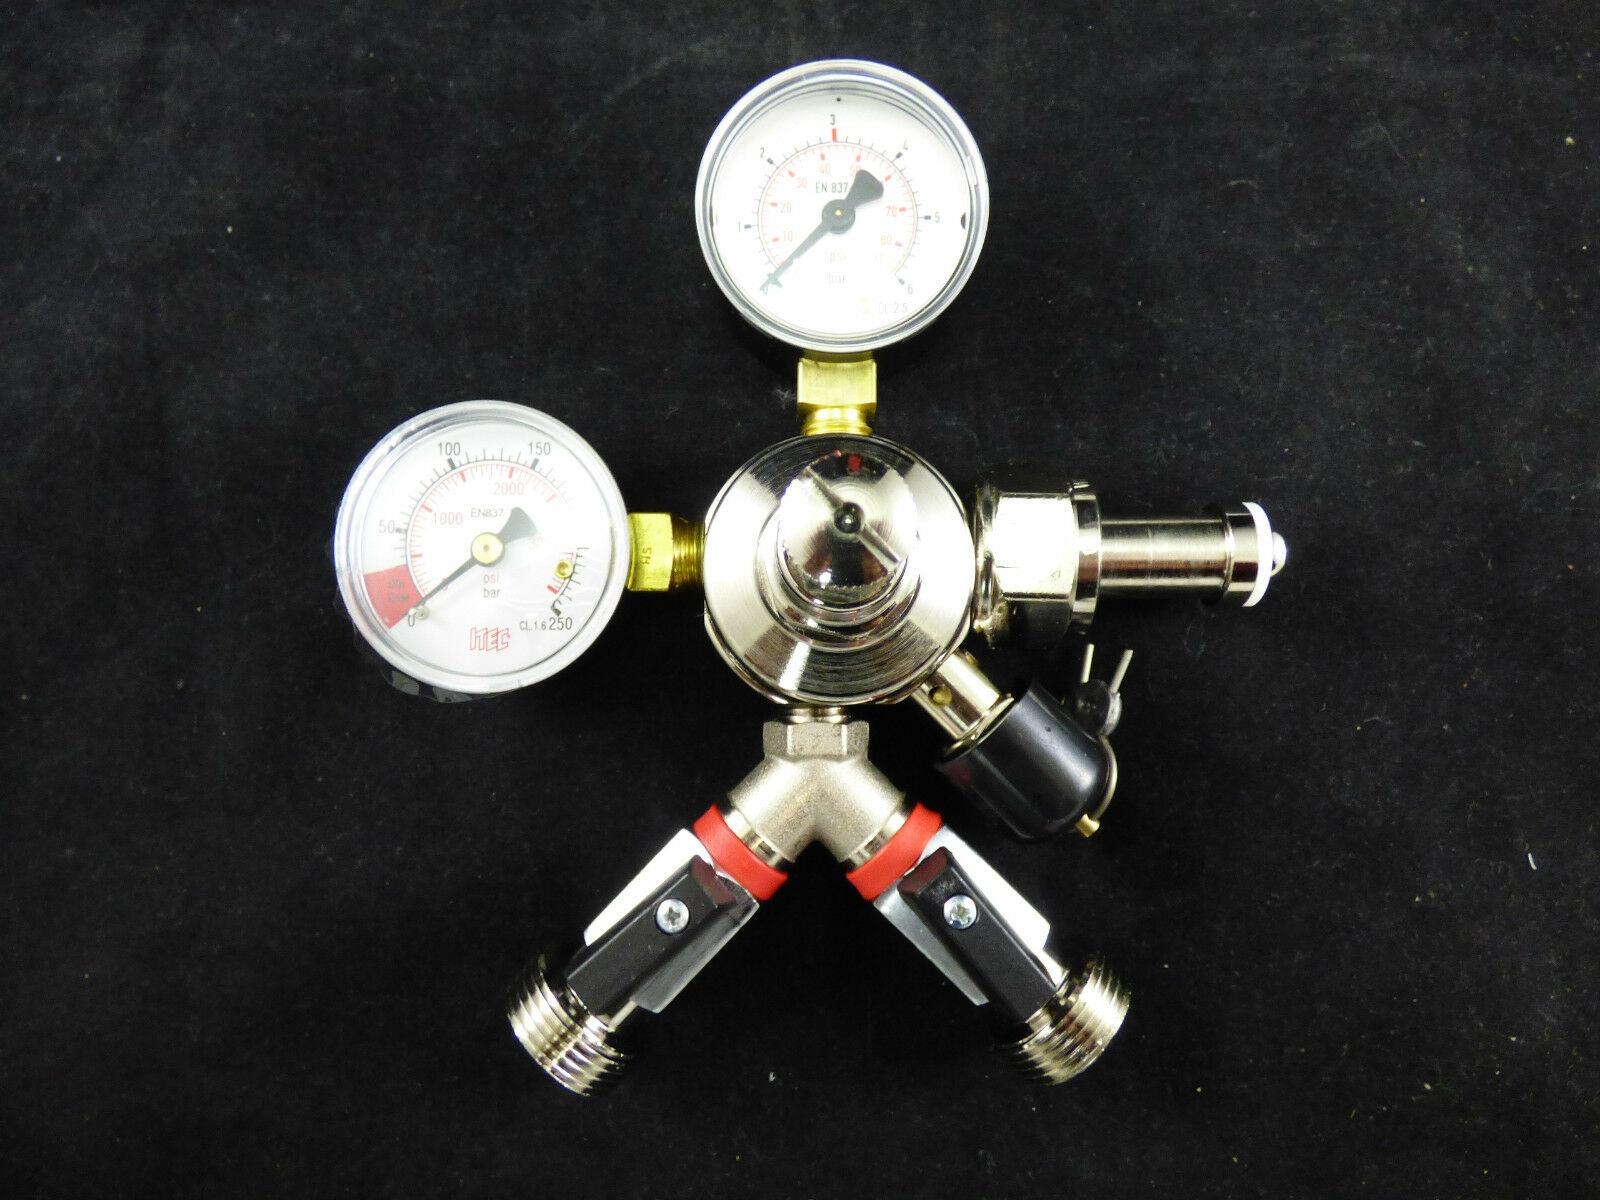 Zapfanlagen Zubehör Manometer Bierschlauch Co2 Schlauch Co2 Druckminderer Dopp.